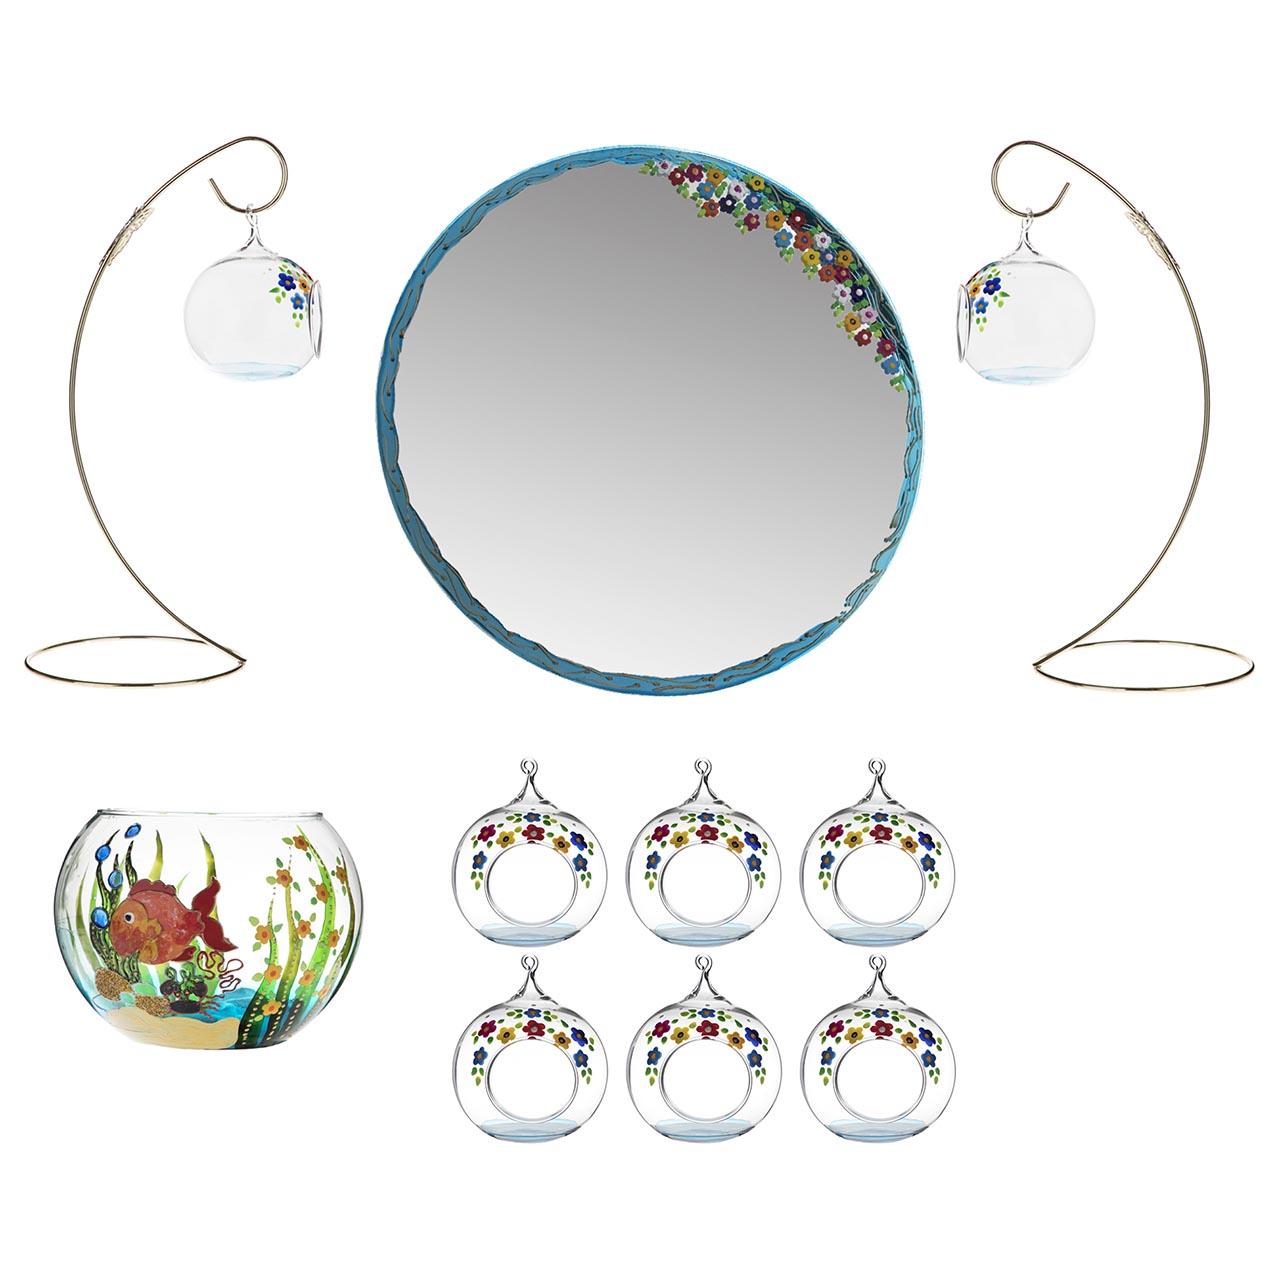 مجموعه ظروف هفت سین یازده پارچه مدل آکواریوم کد 9